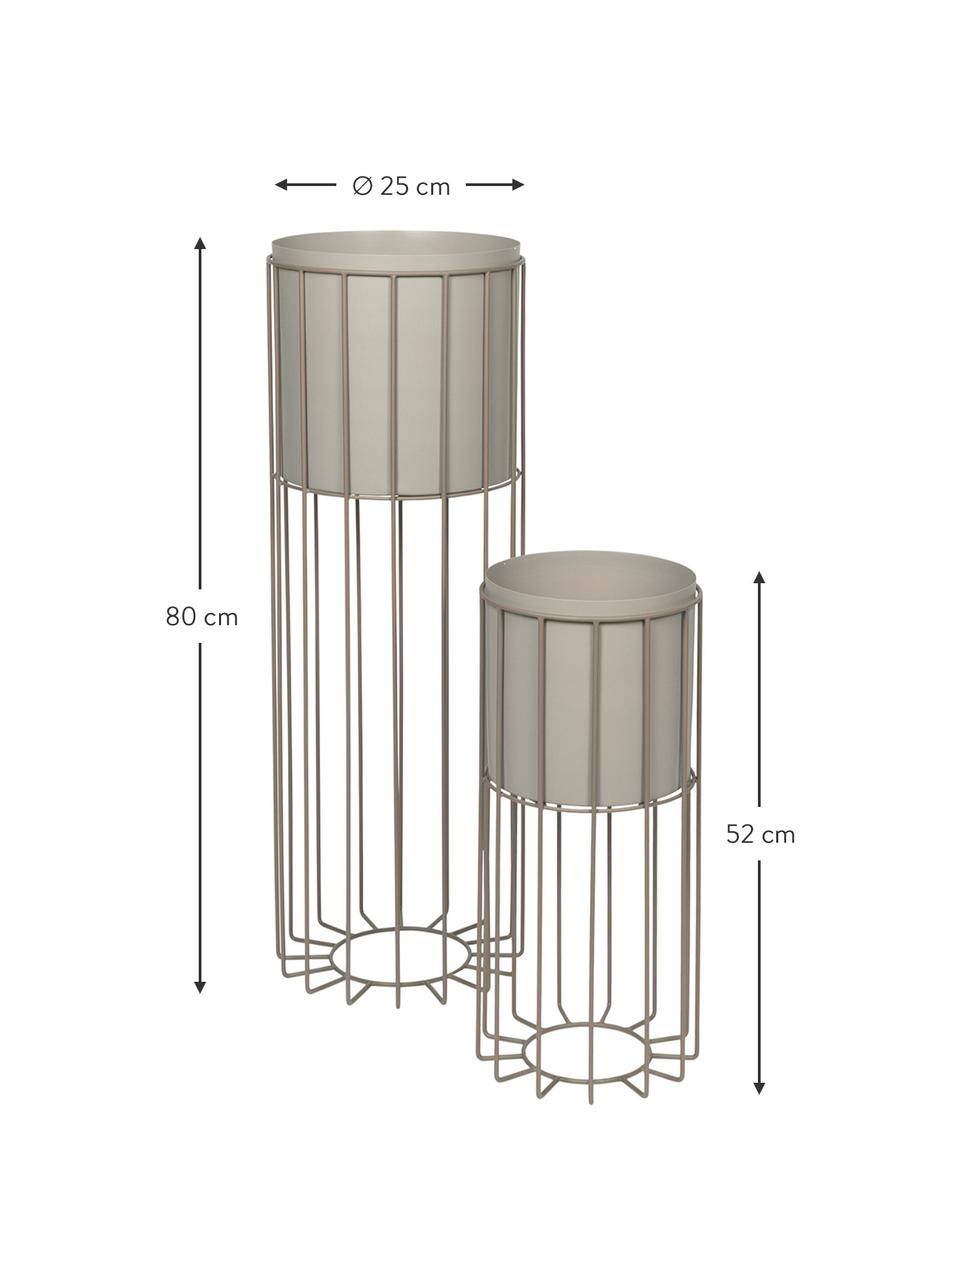 Übertopf-Set Fenja aus Metall, 2-tlg., Metall, beschichtet, Grau, Set mit verschiedenen Größen